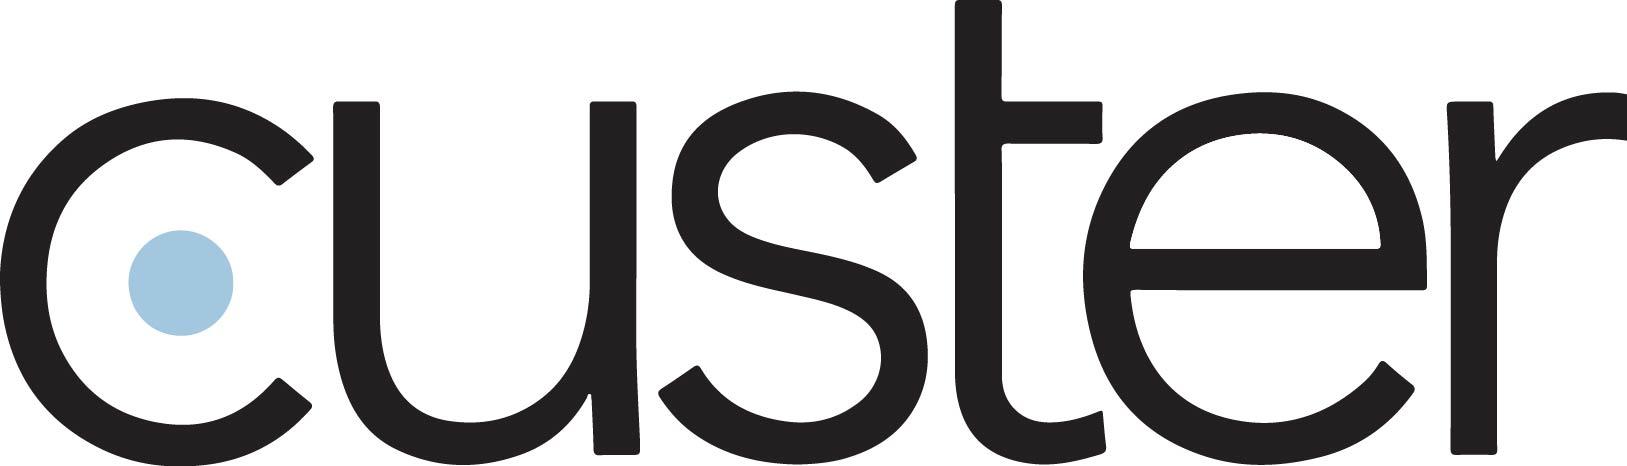 Custer Inc.